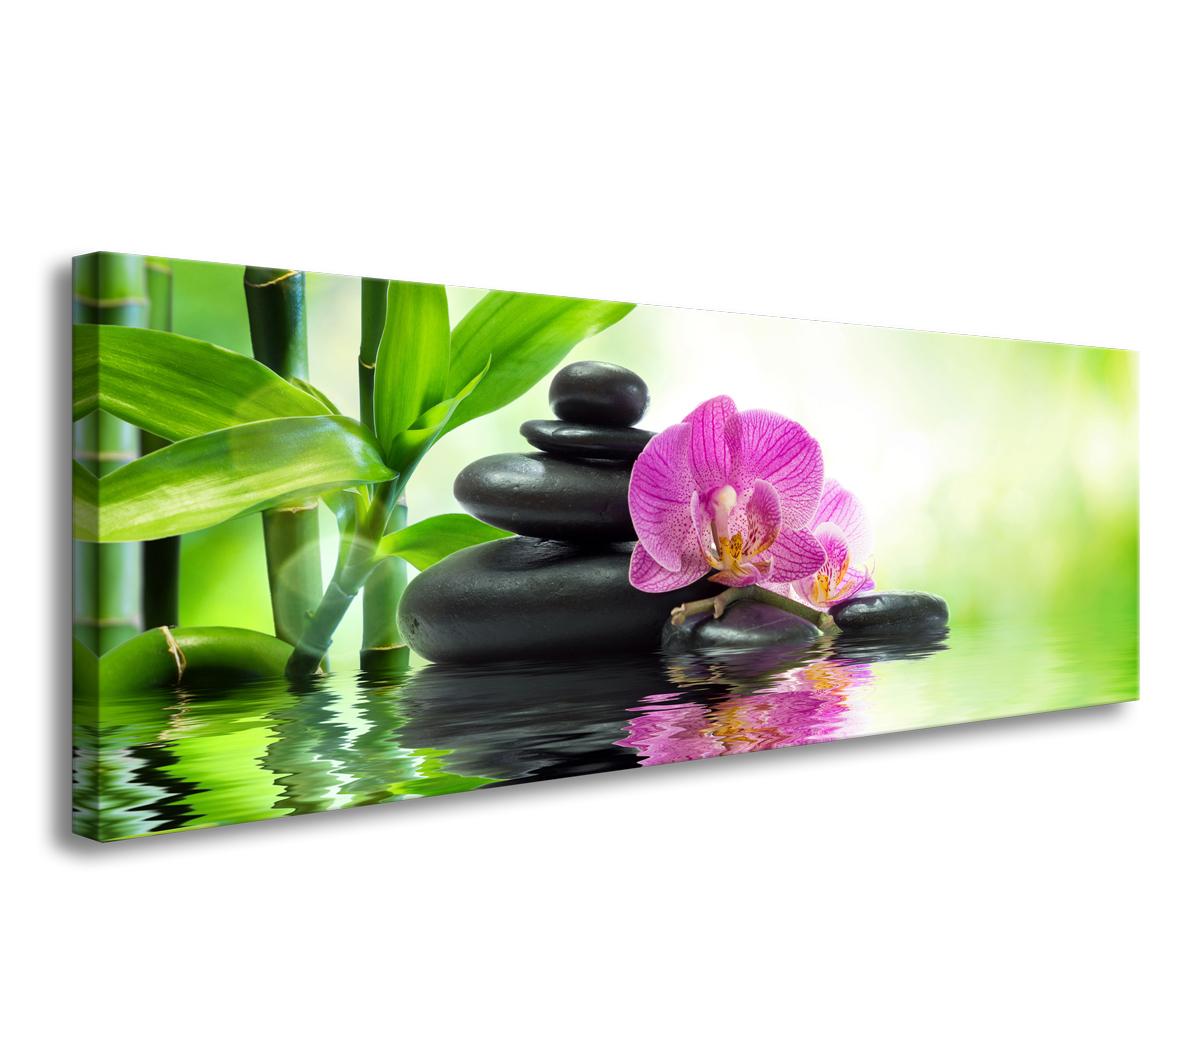 leinwand wandbilder verschiedene bilder motive 120 x 40 cm einteilig 1578 c1 ebay. Black Bedroom Furniture Sets. Home Design Ideas